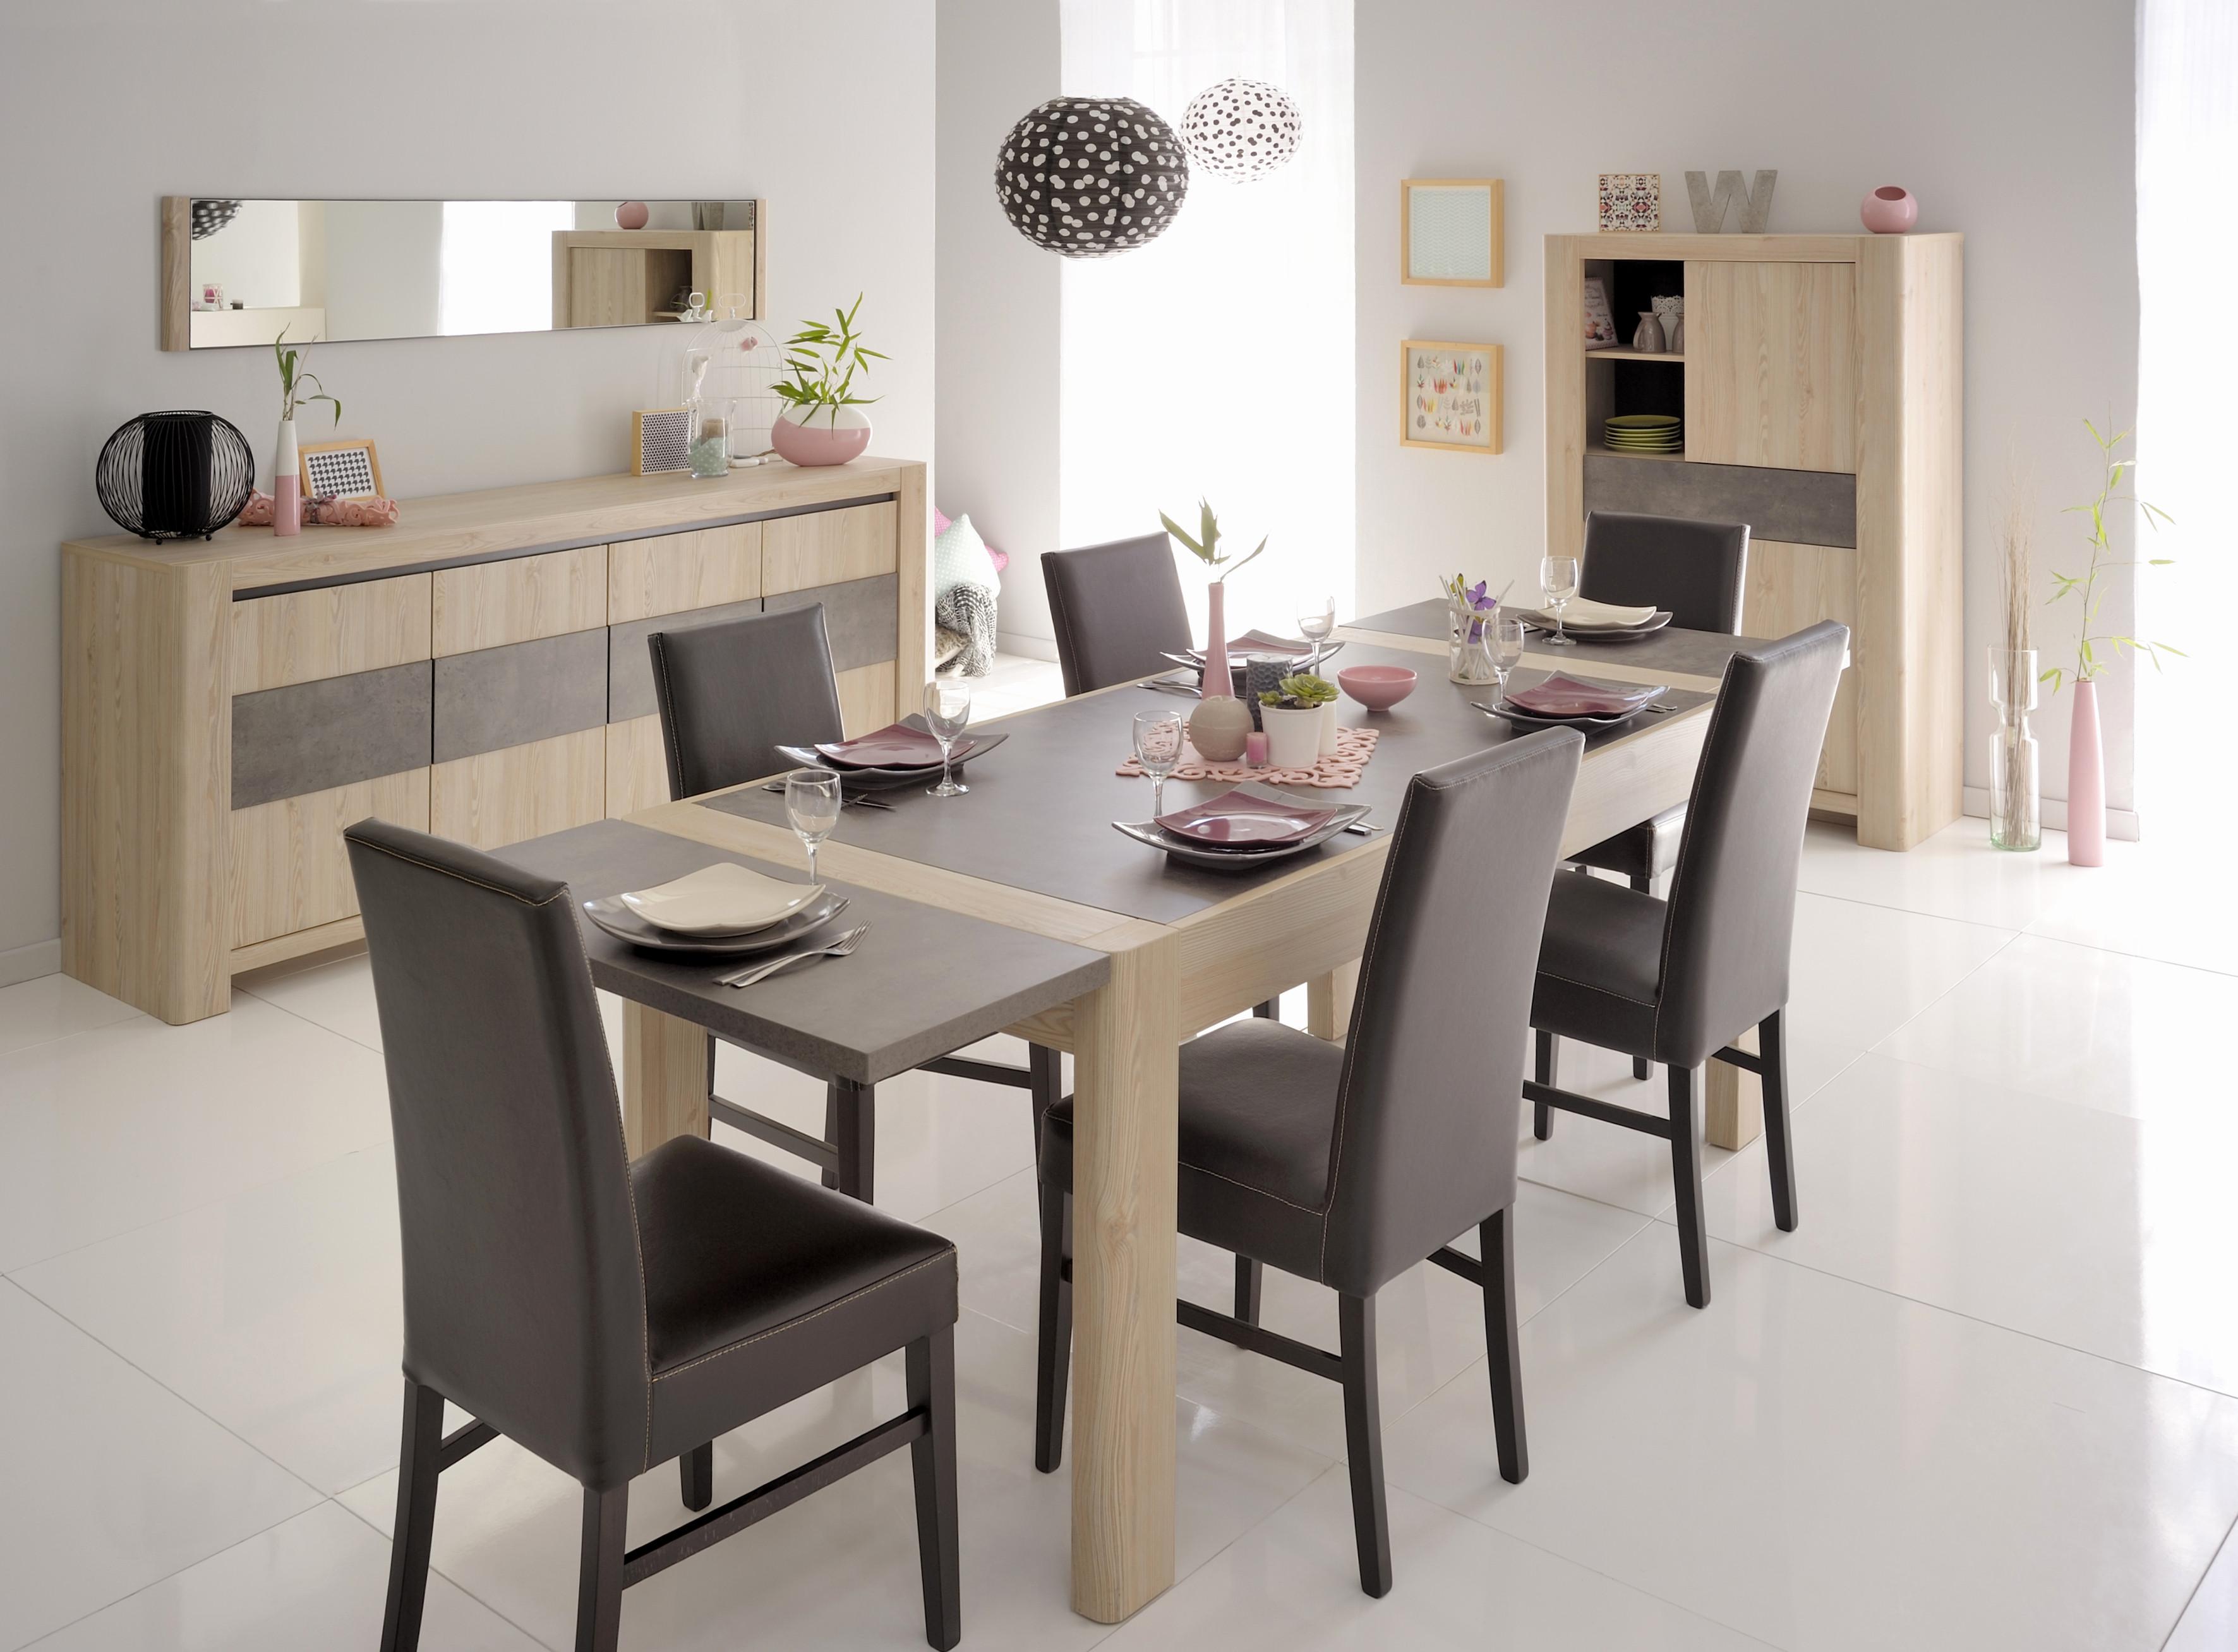 Meubles salle à manger : optez pour le style contemporain !